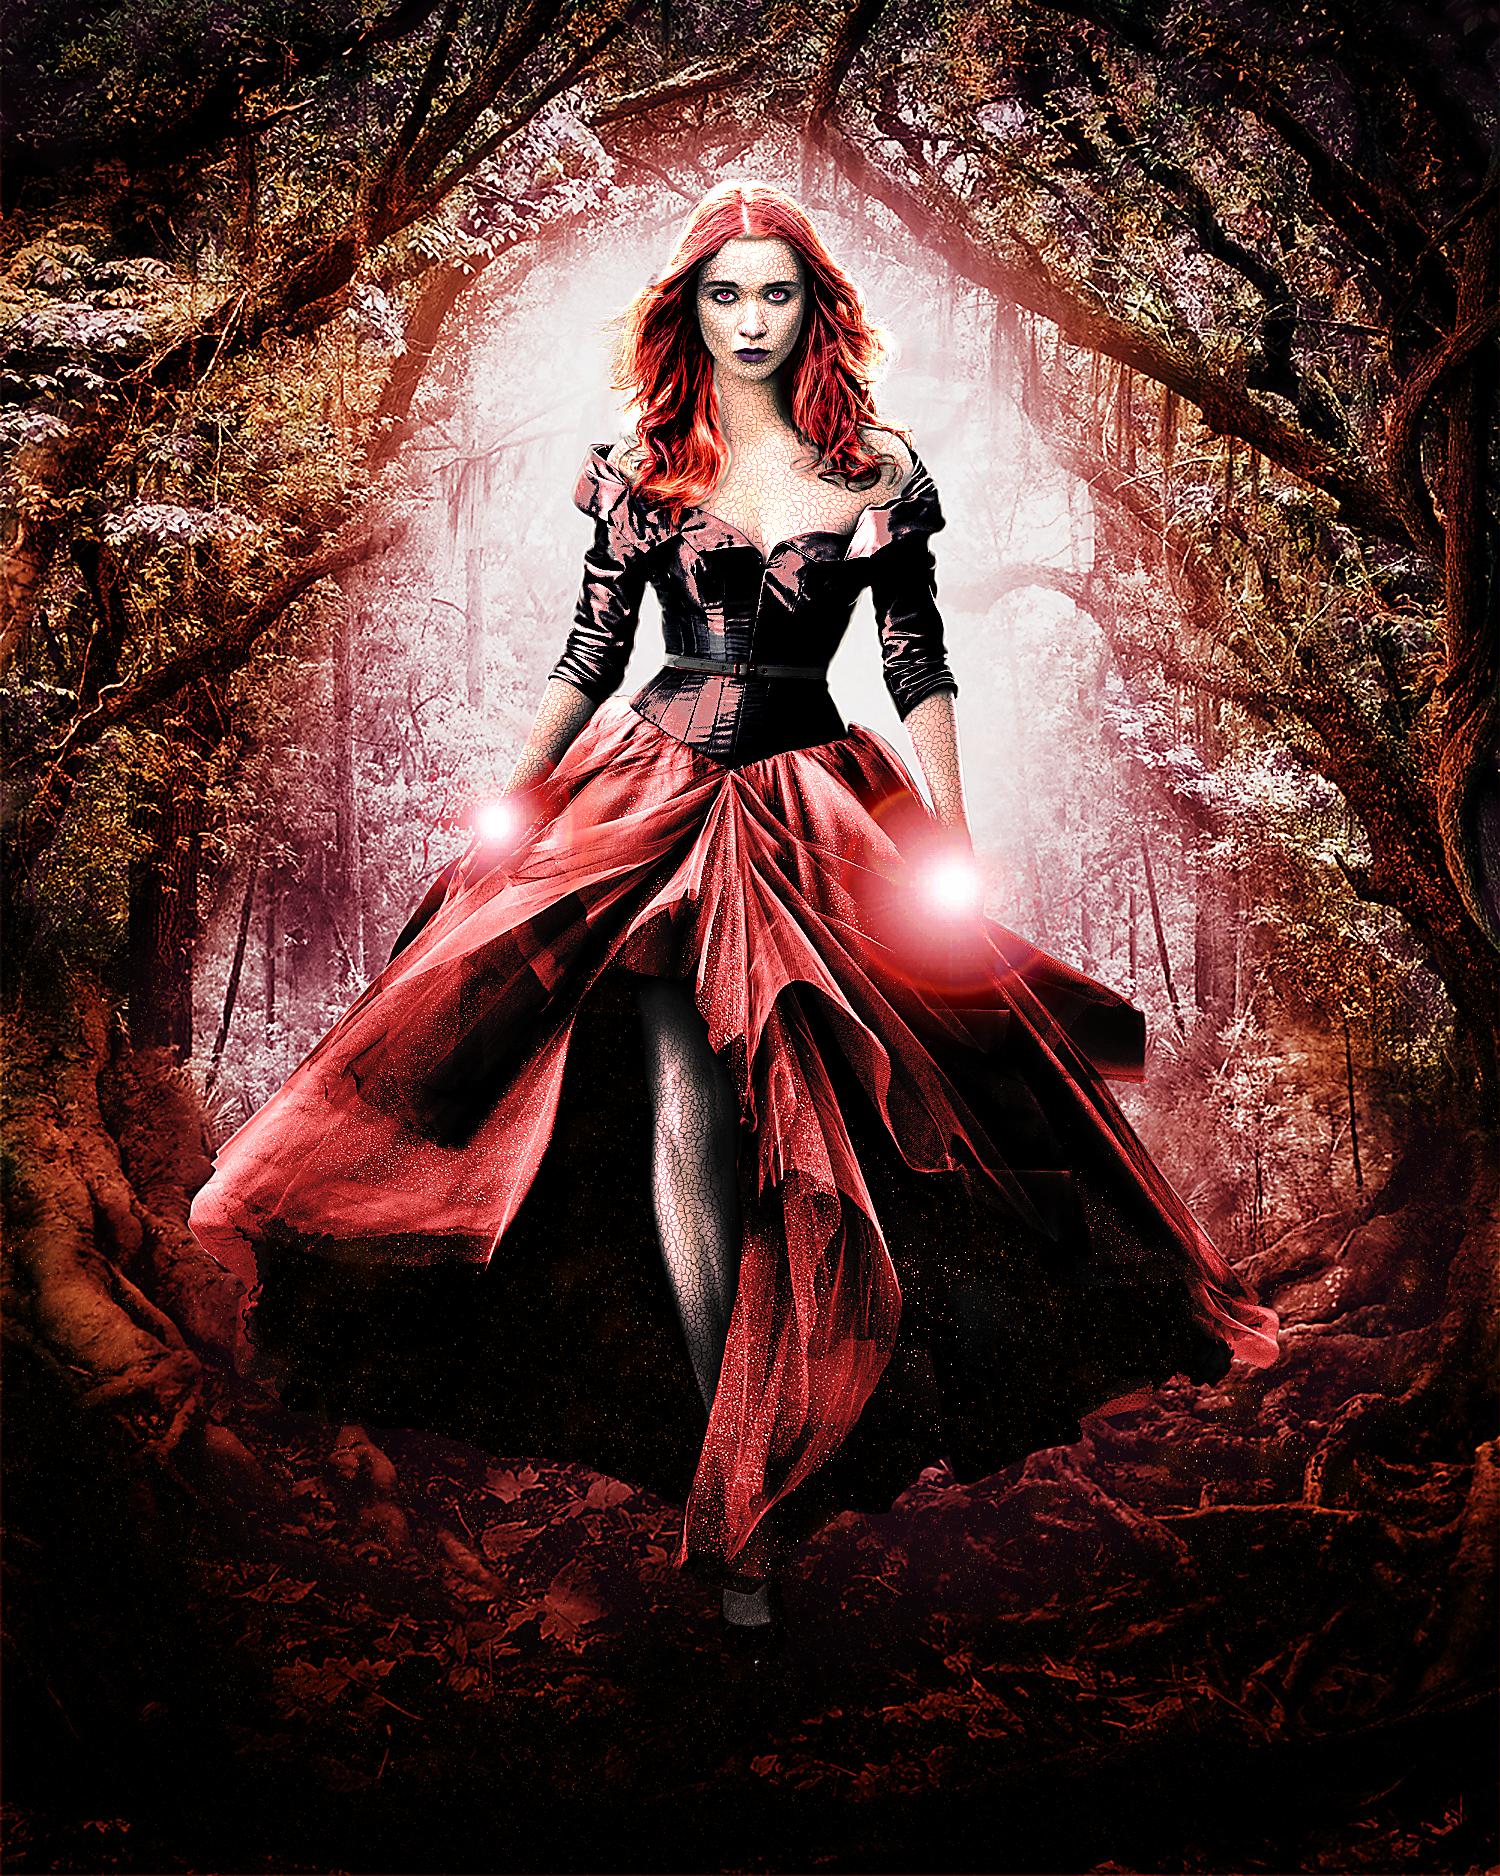 Lena - Dark Caster by Oj4breakfast